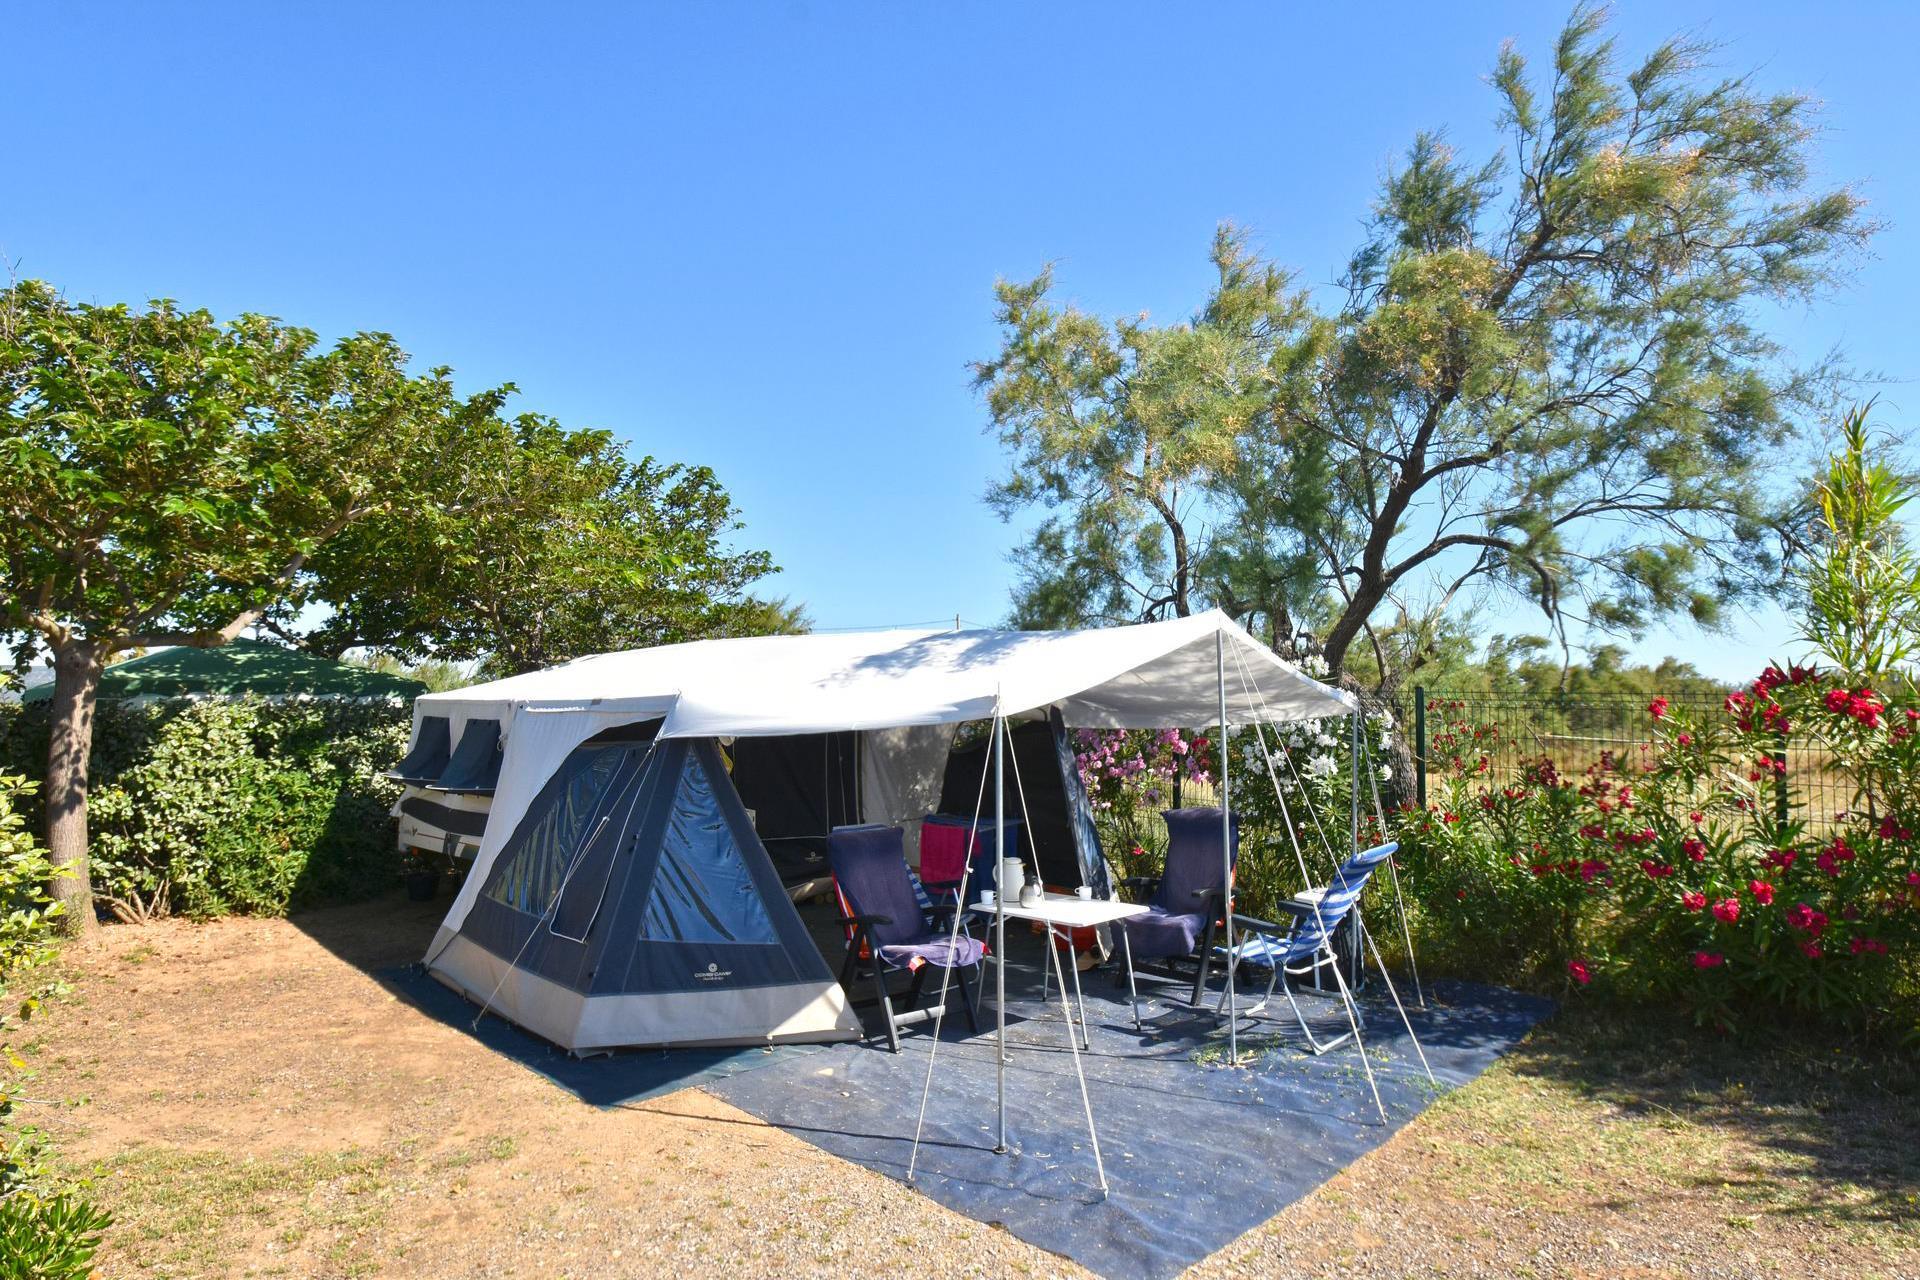 Emplacement - Forfait Emplacement*** - Camping Sandaya Les Tamaris